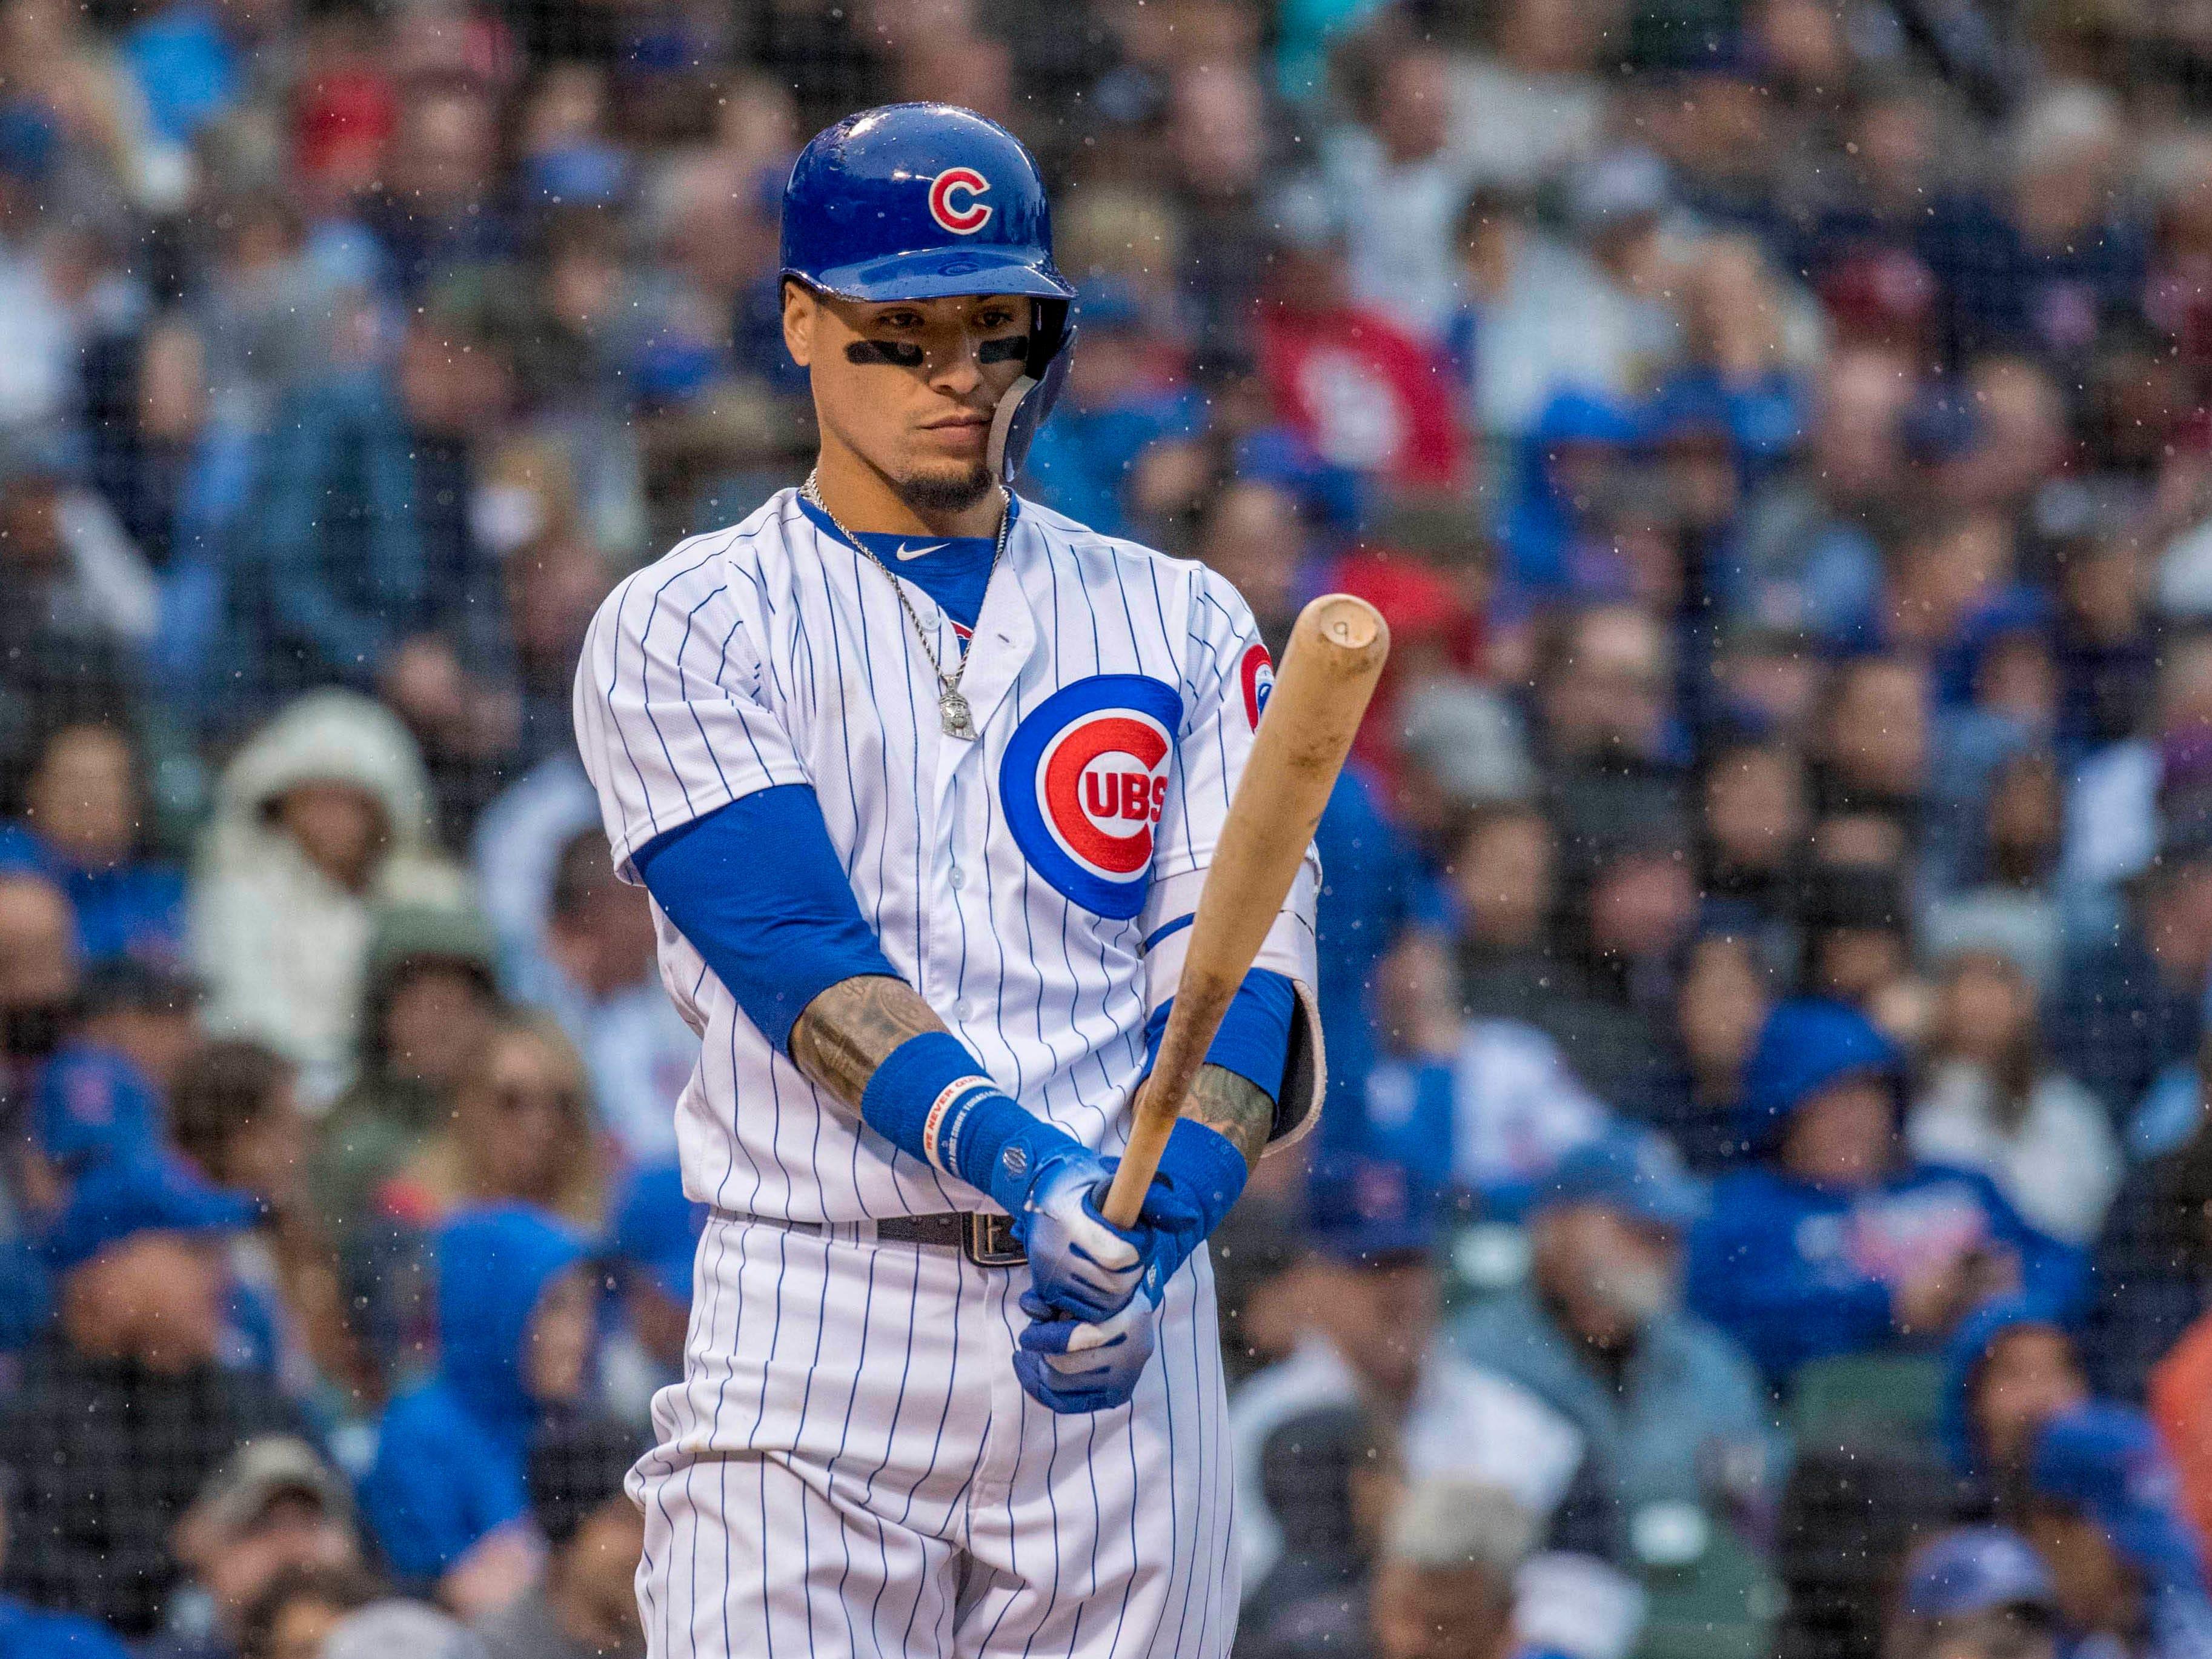 2B Javier Baez, Cubs